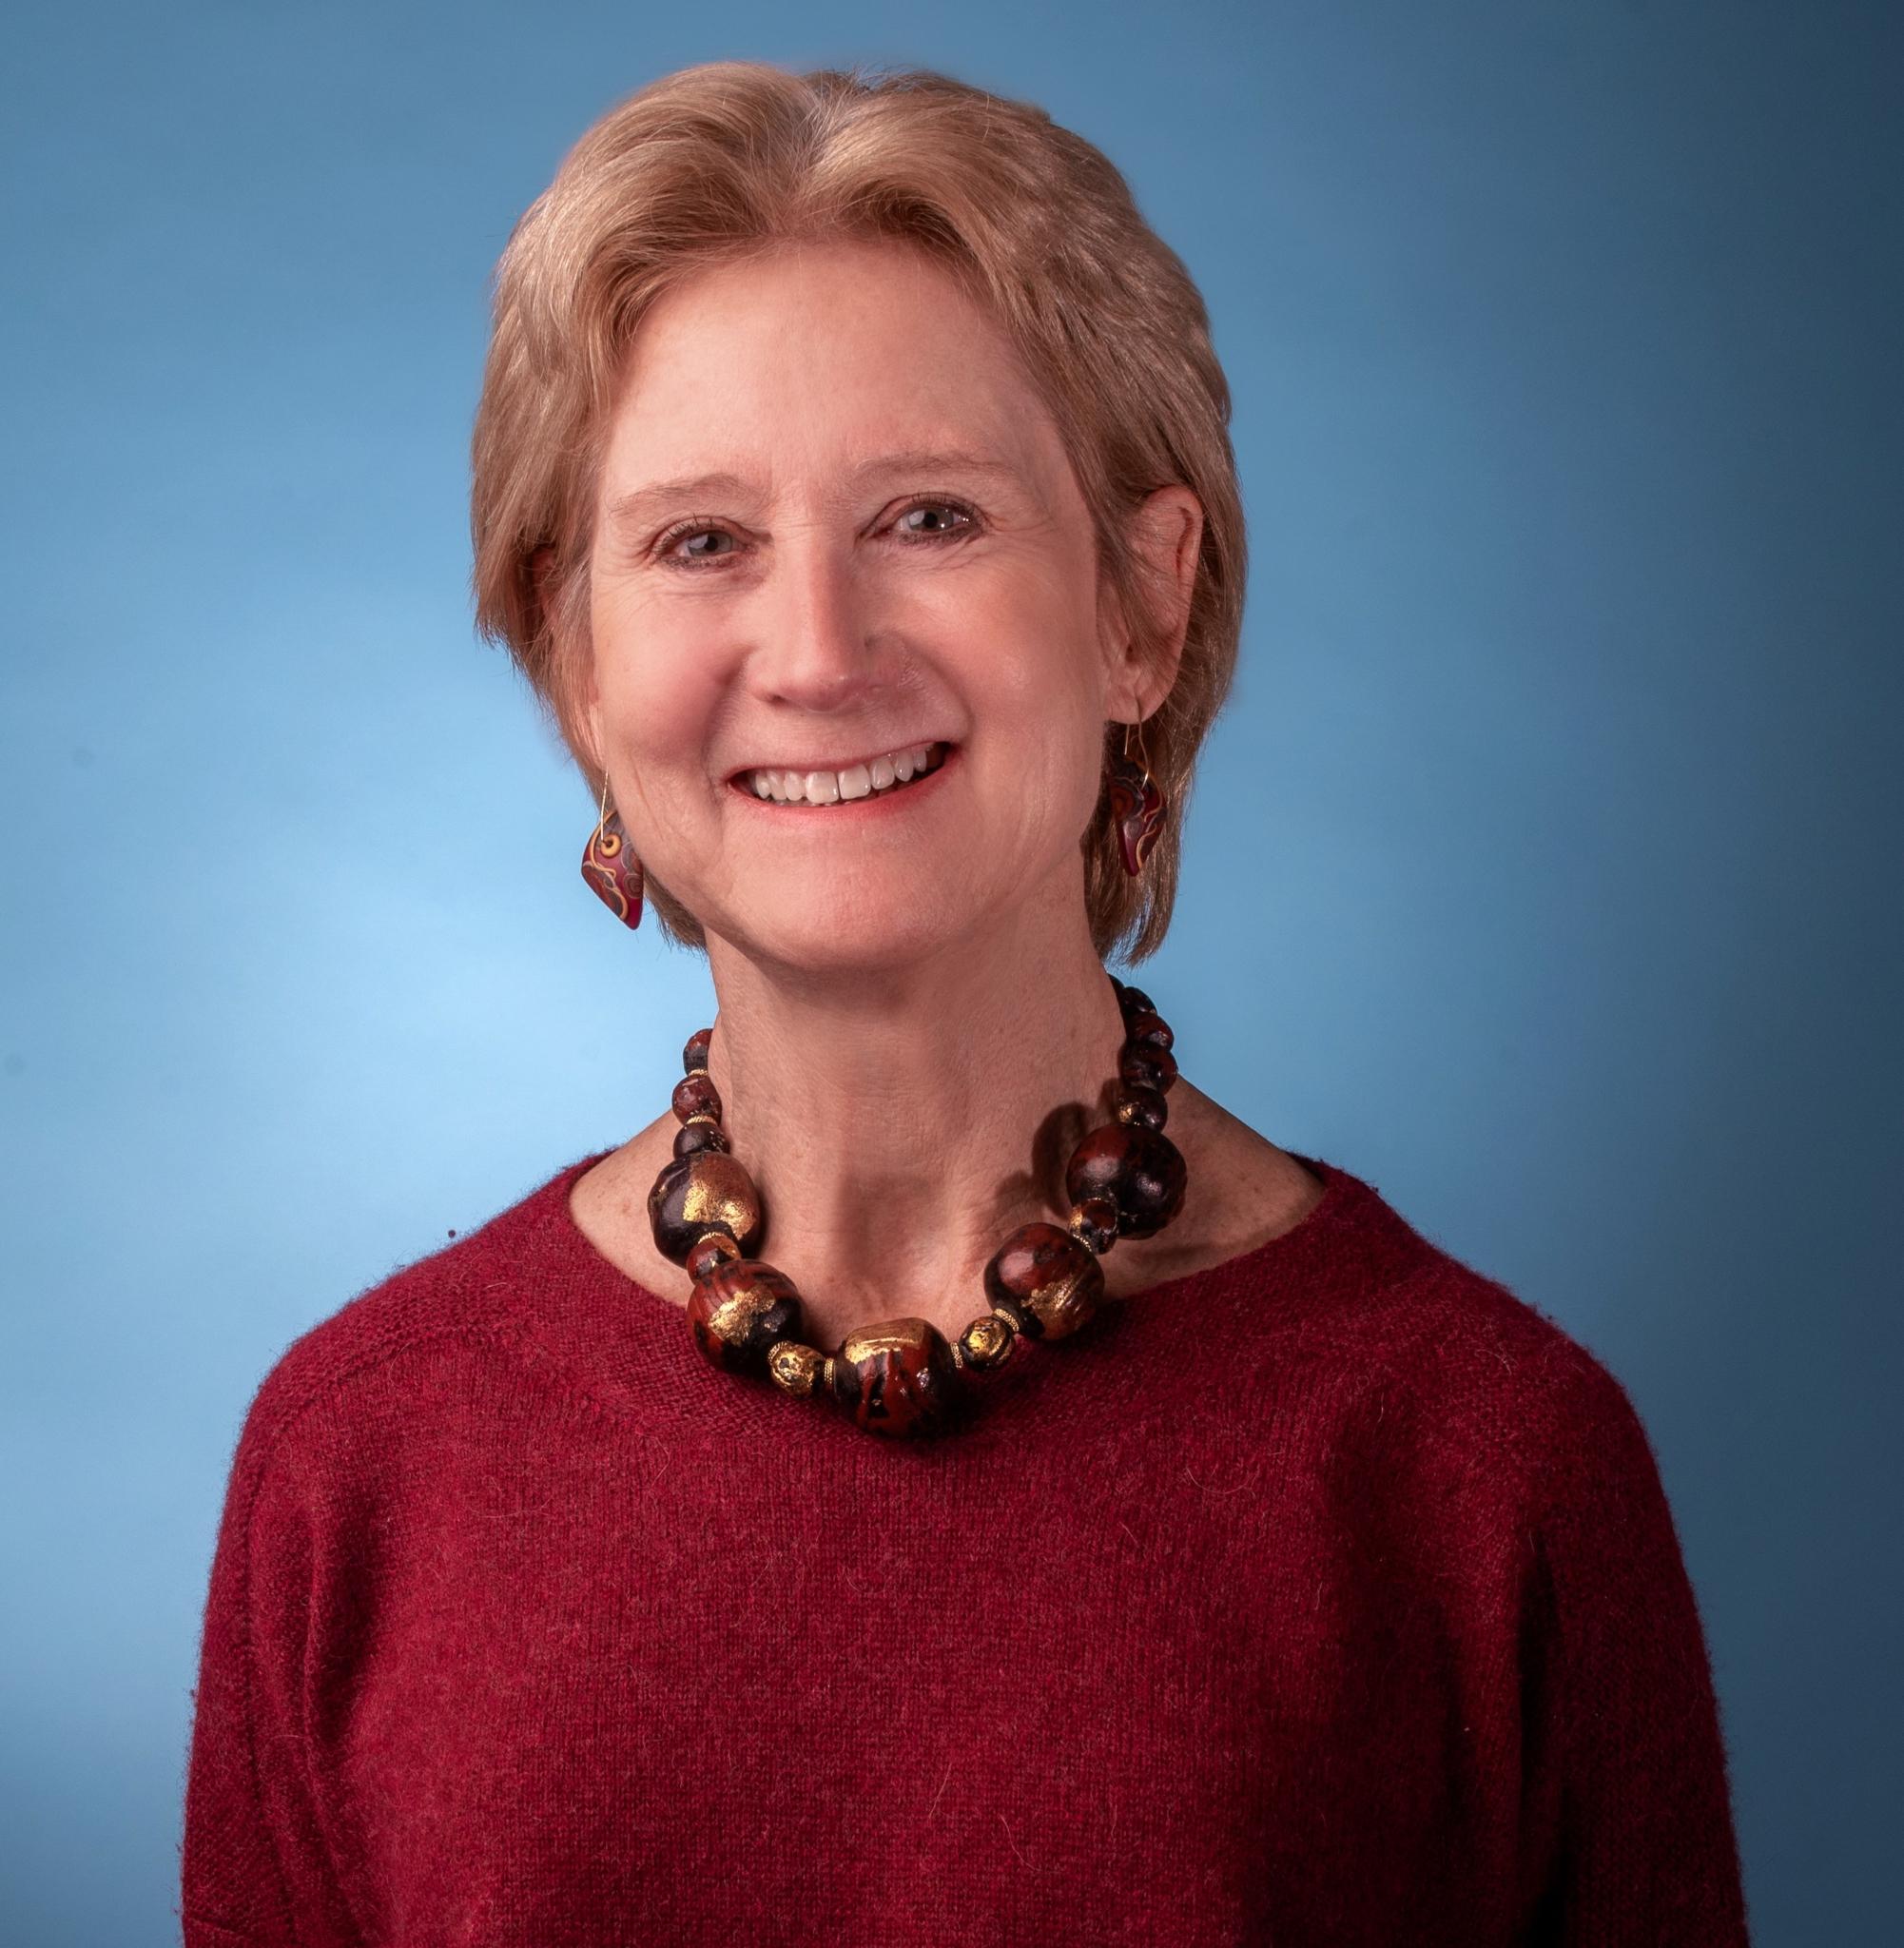 Elizabeth G. Taylor